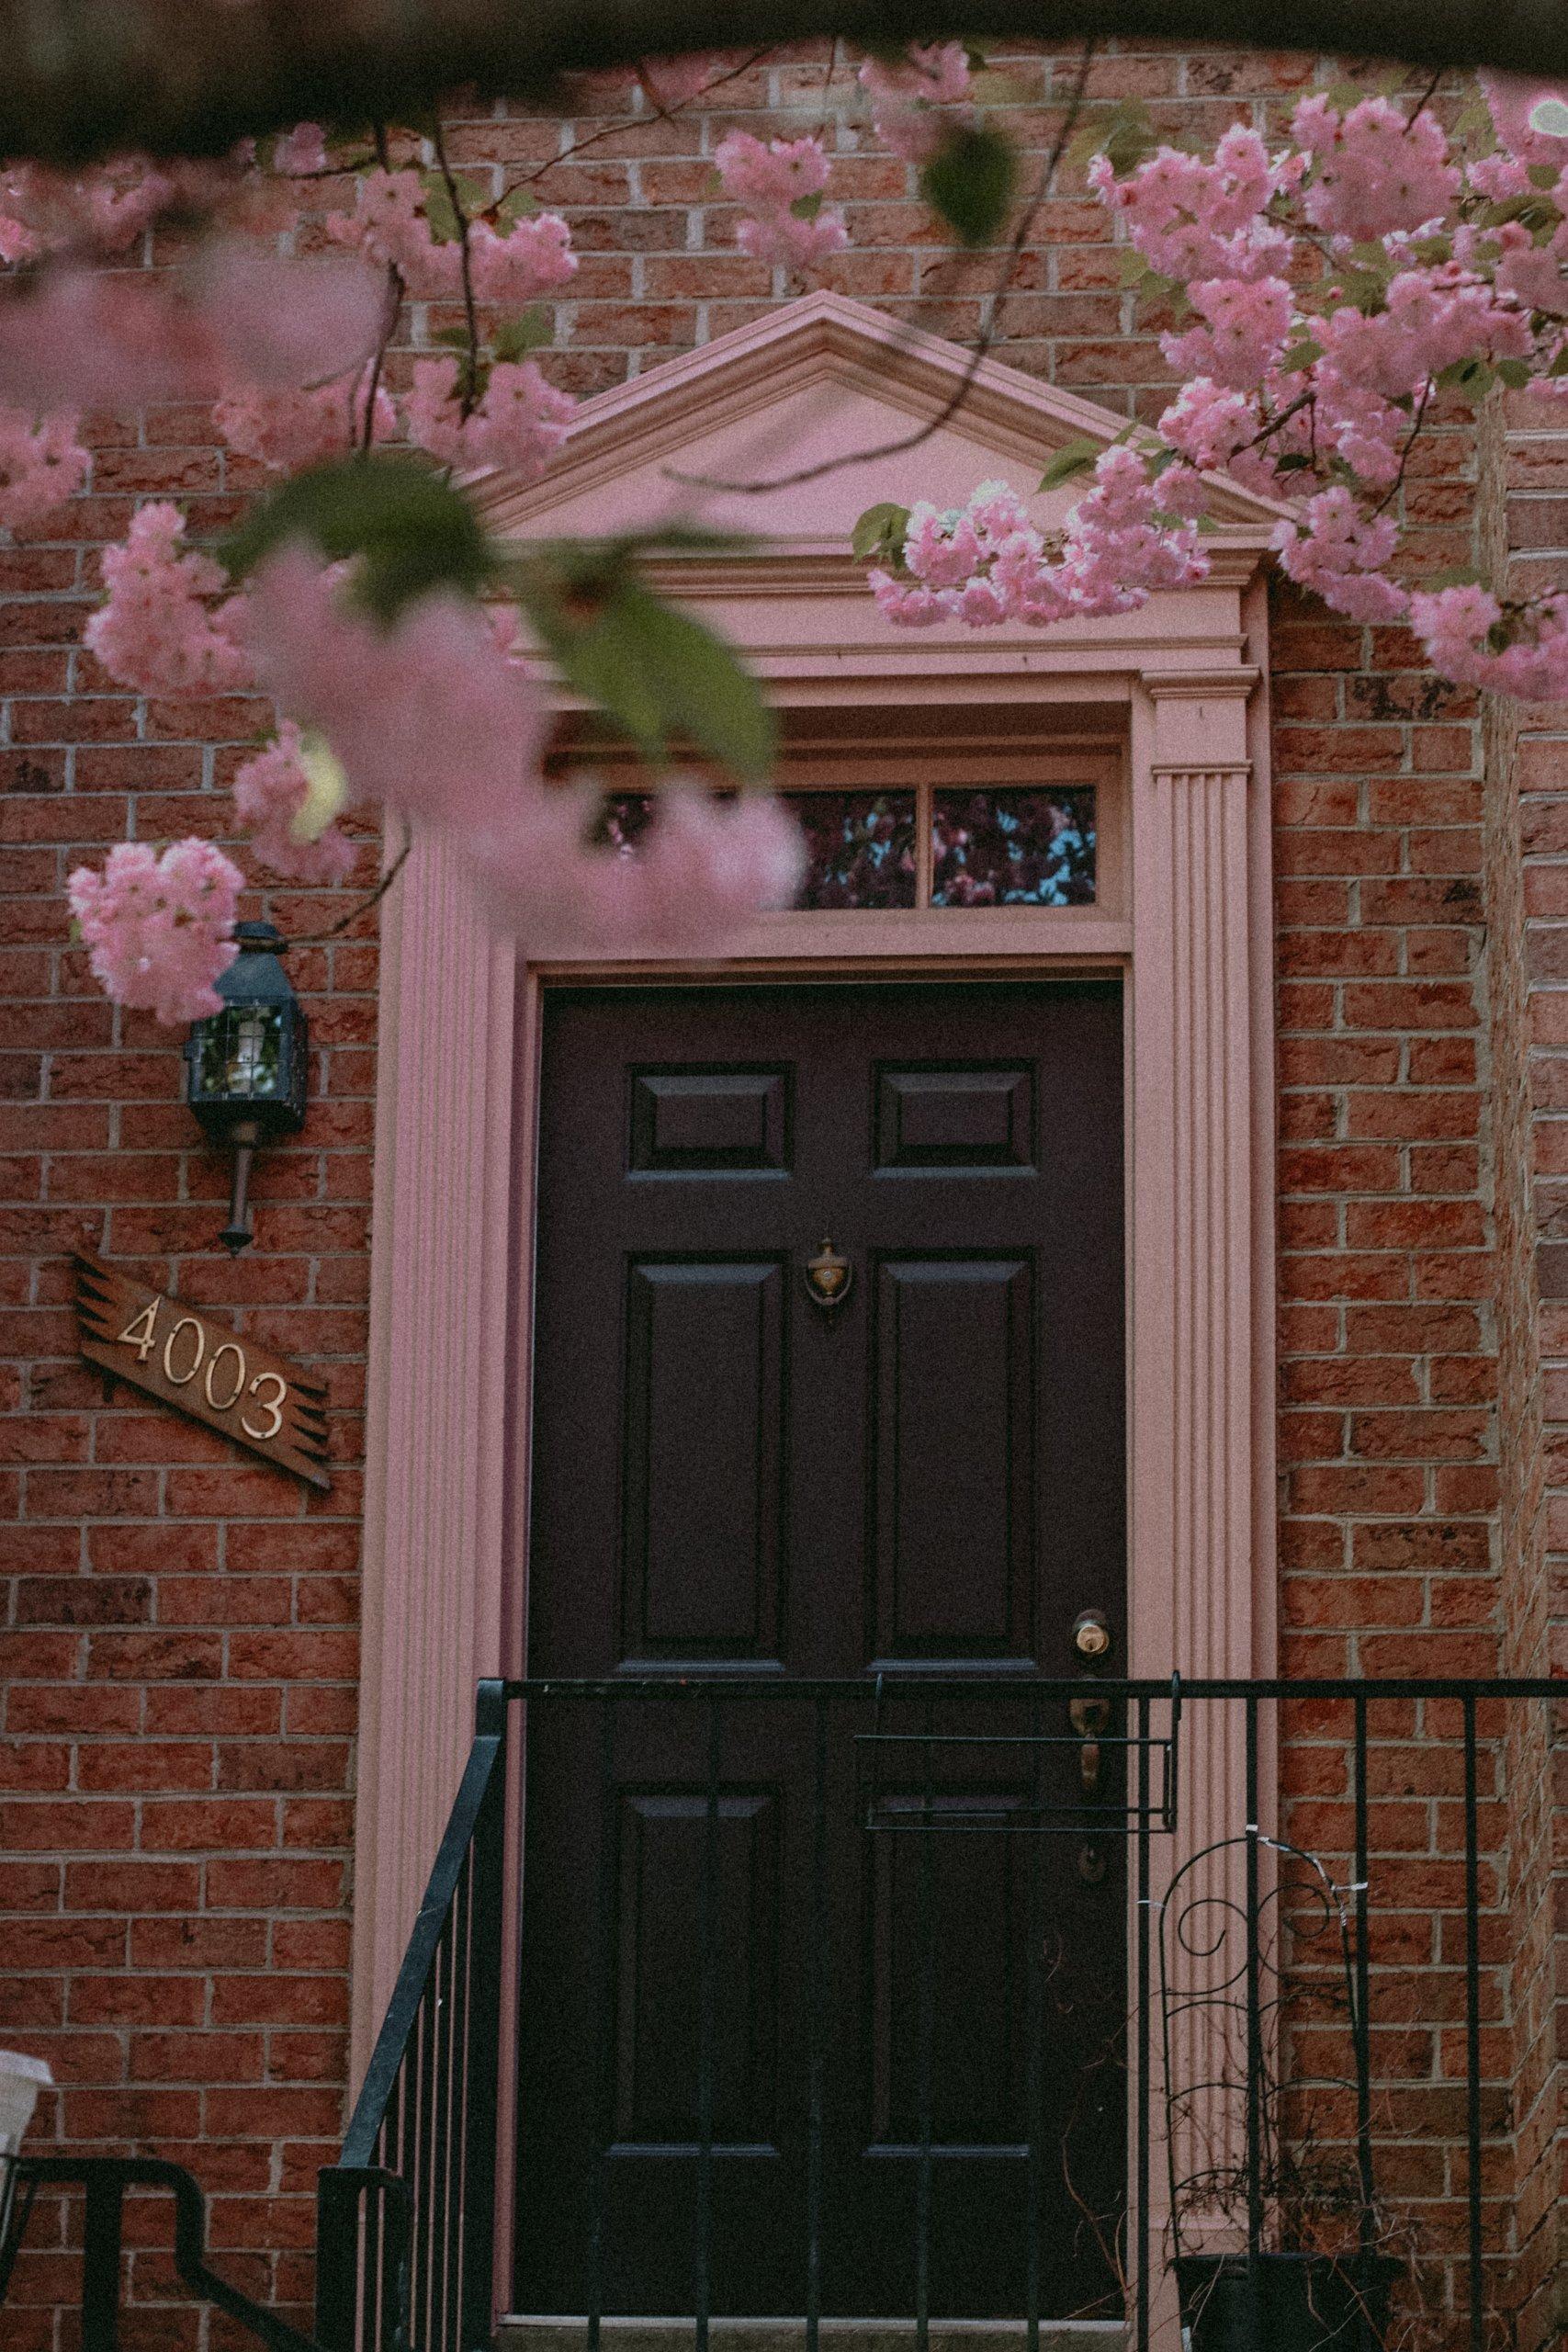 Black door with pink columns